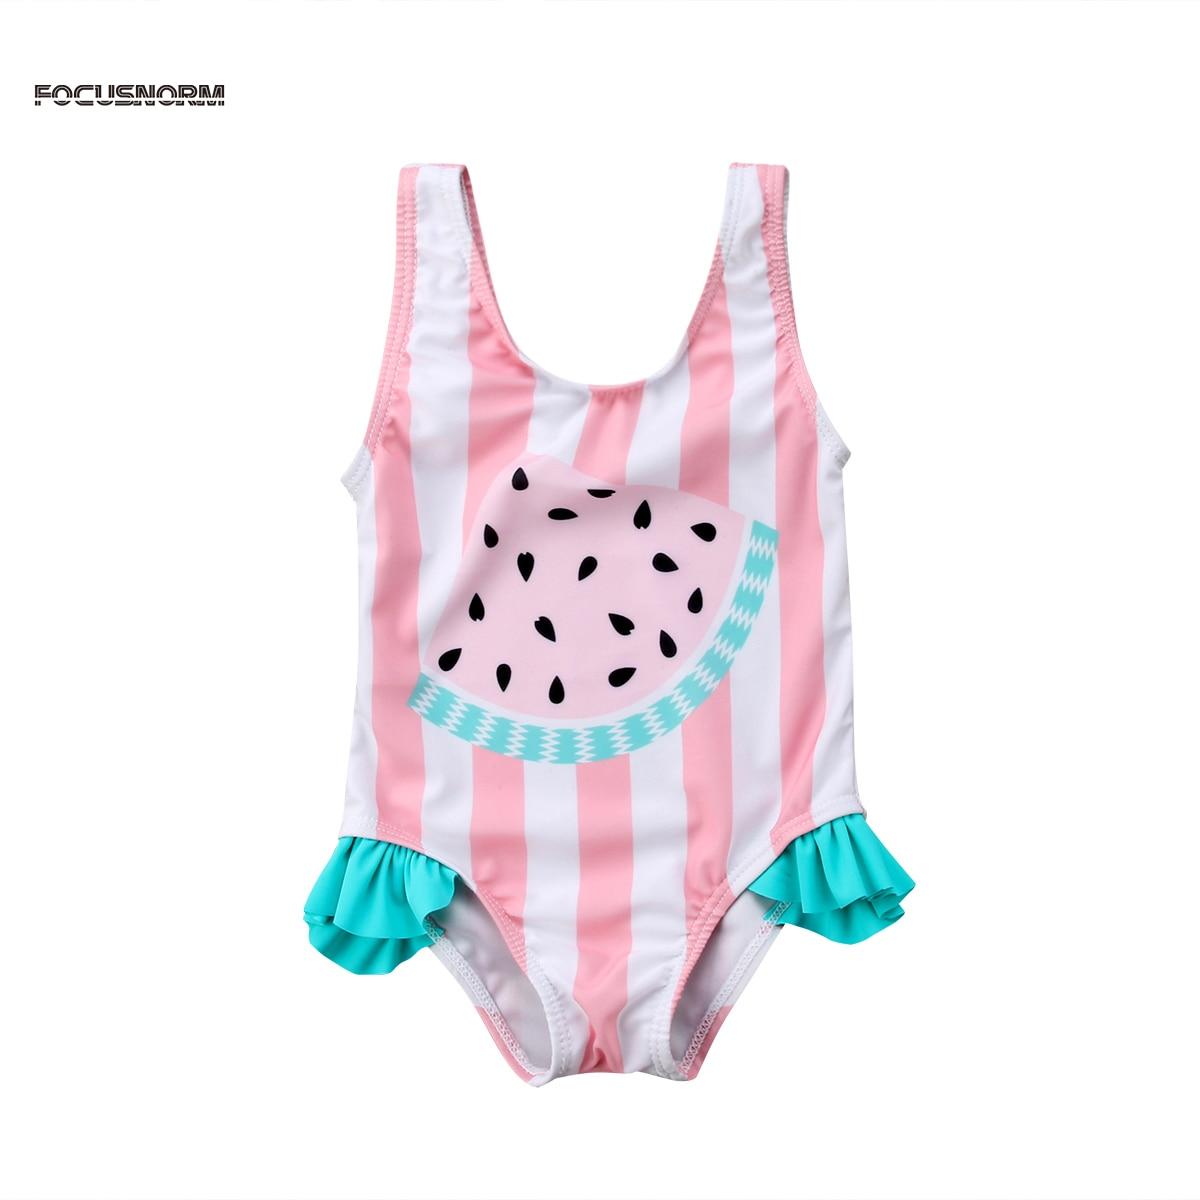 Toddler Newborn Baby Girl Watermelon Striped Printed Swimsuit Swimwear Swimming Bikini Baby Clothing